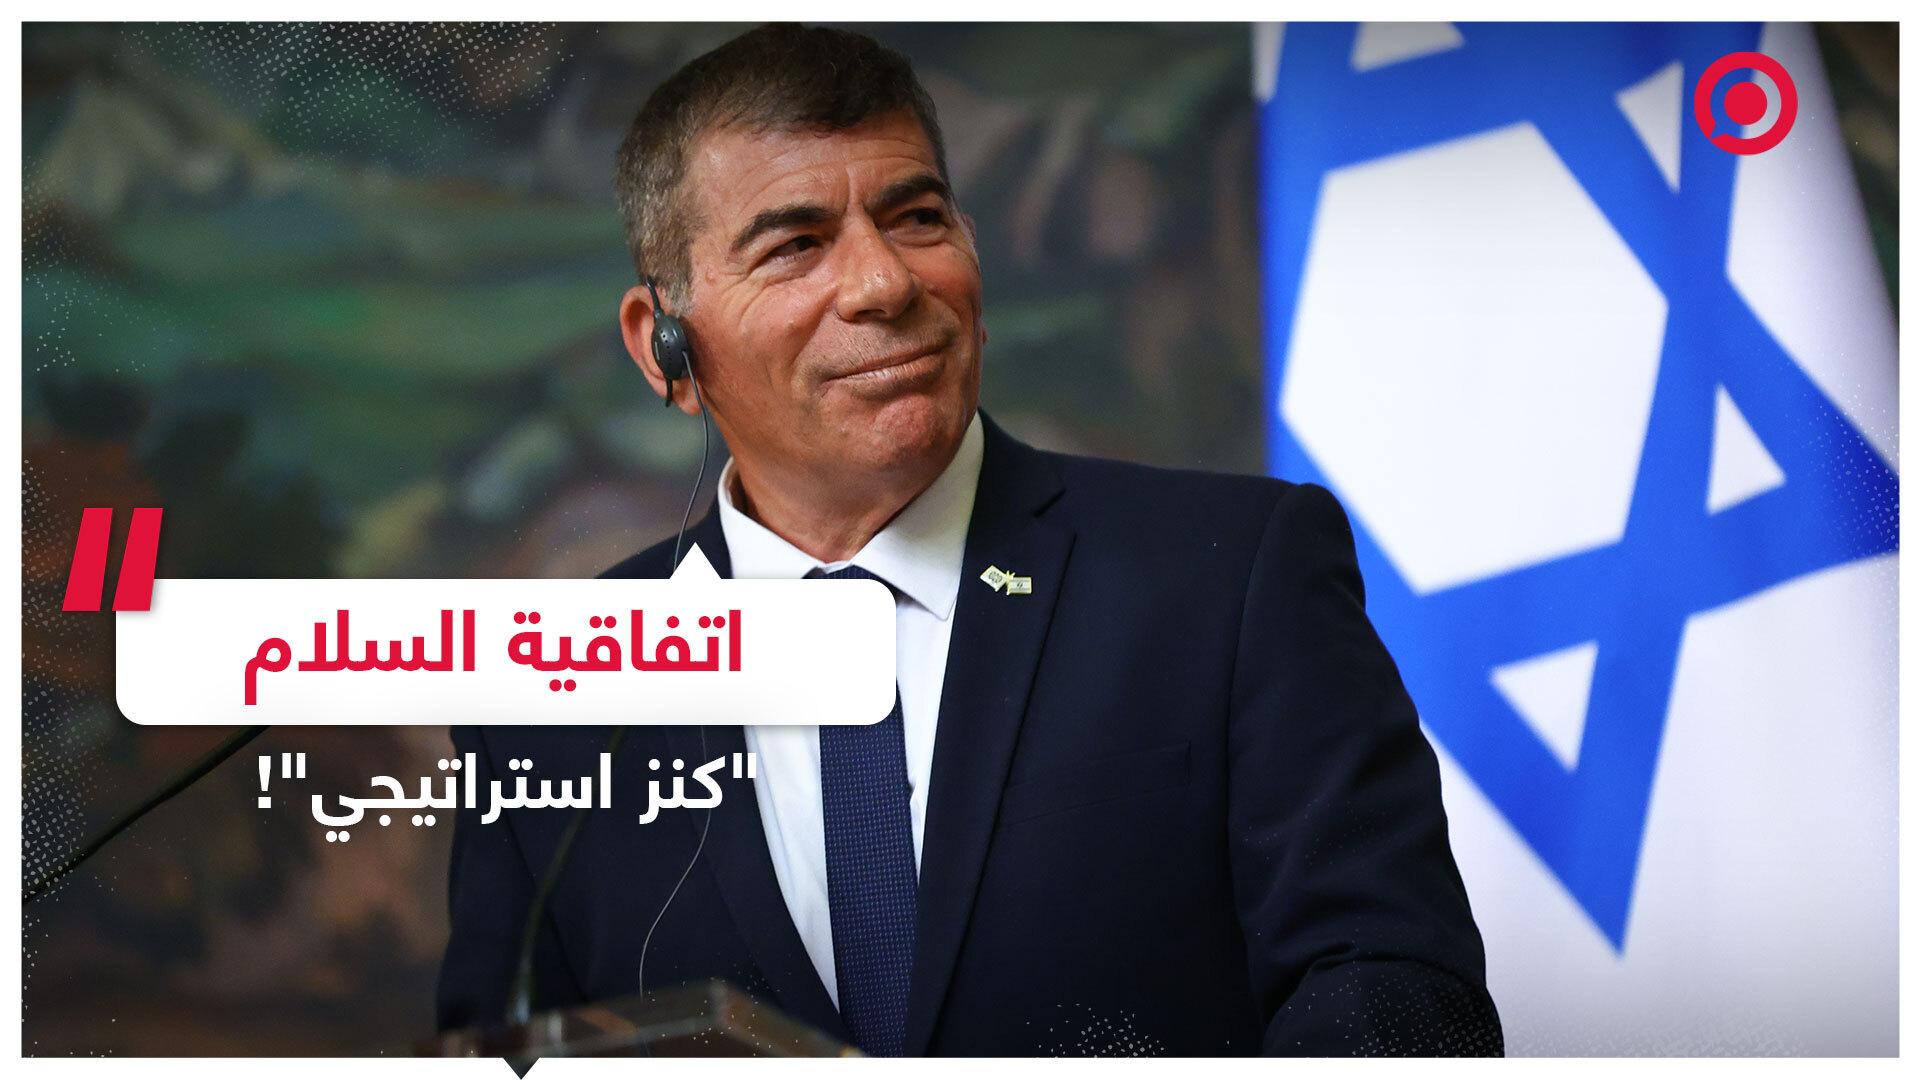 كيف وصفت إسرائيل اتفاقية